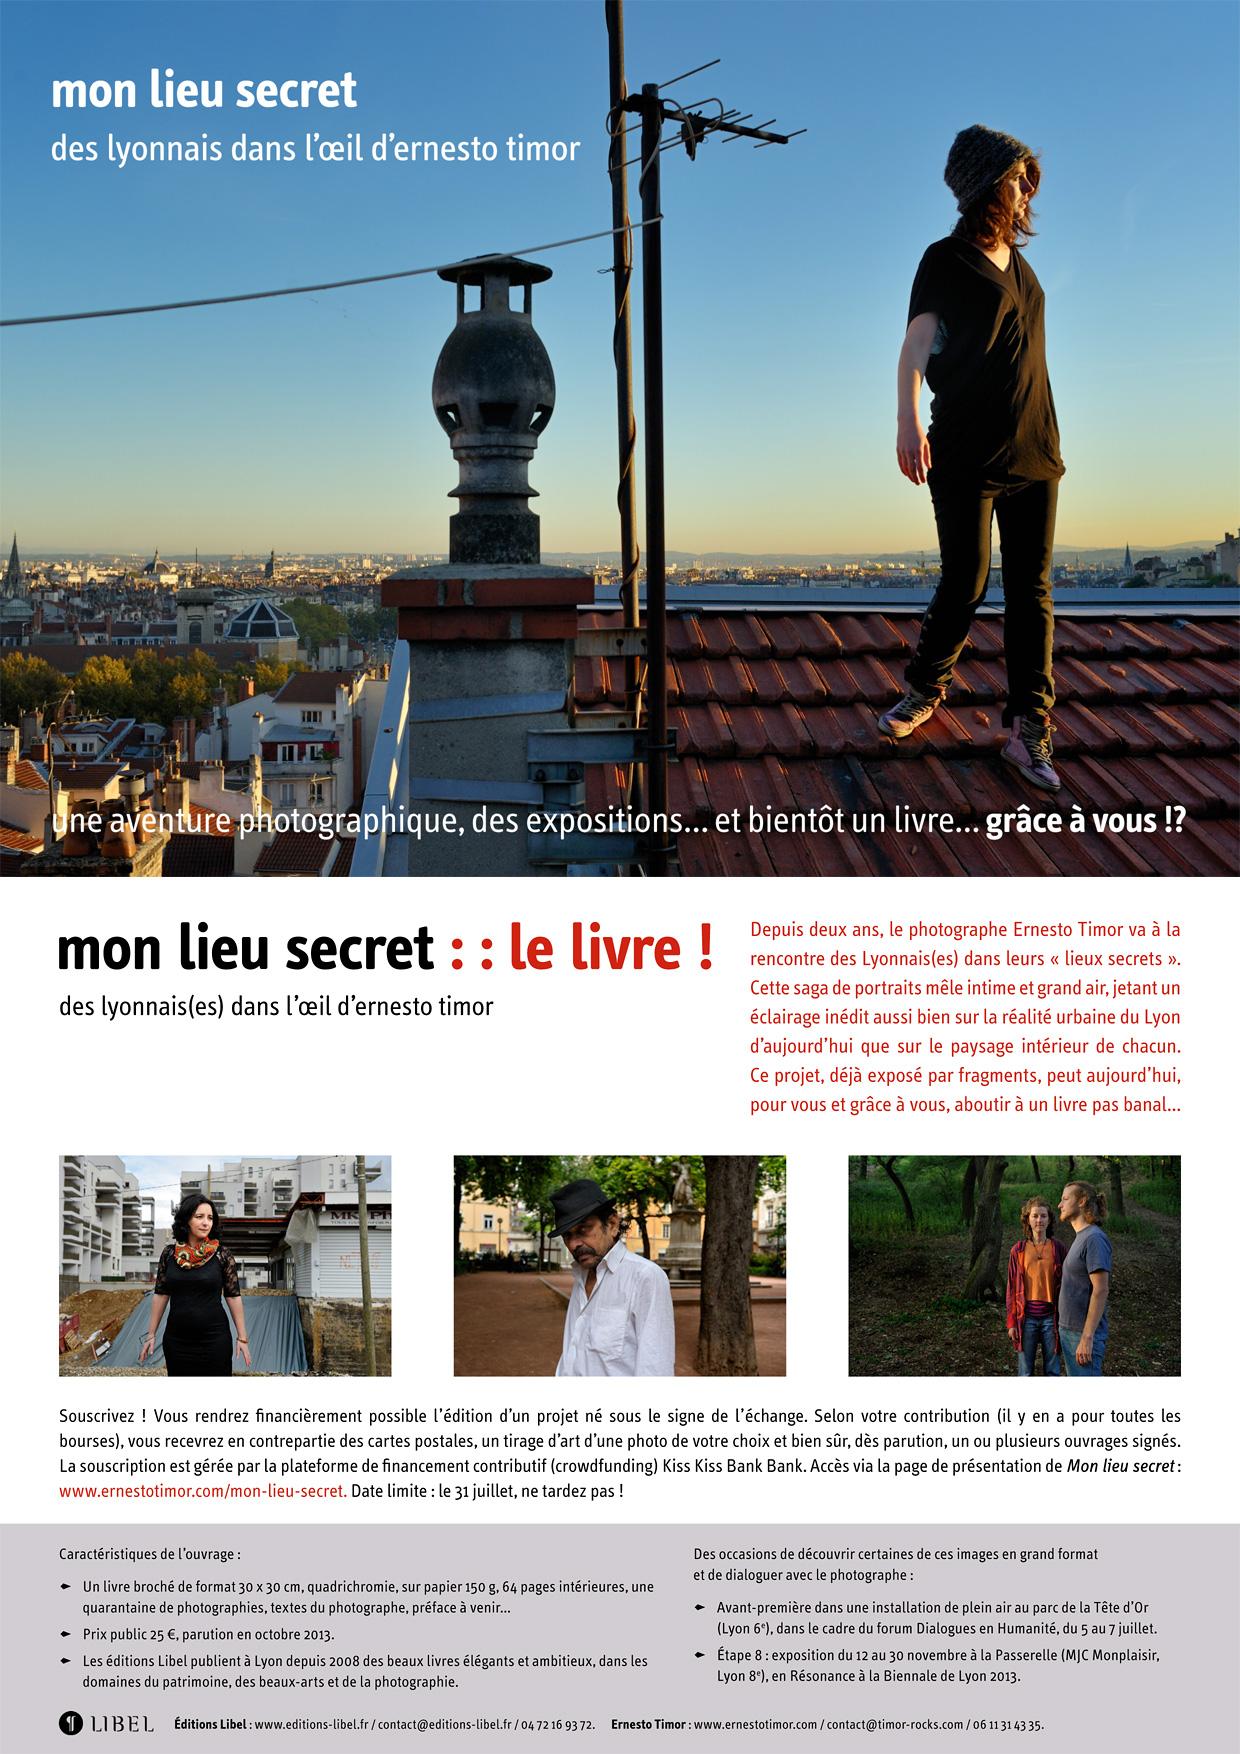 Mon lieu secret, des Lyonnais dans l'œil d'Ernesto Timor : le livre !